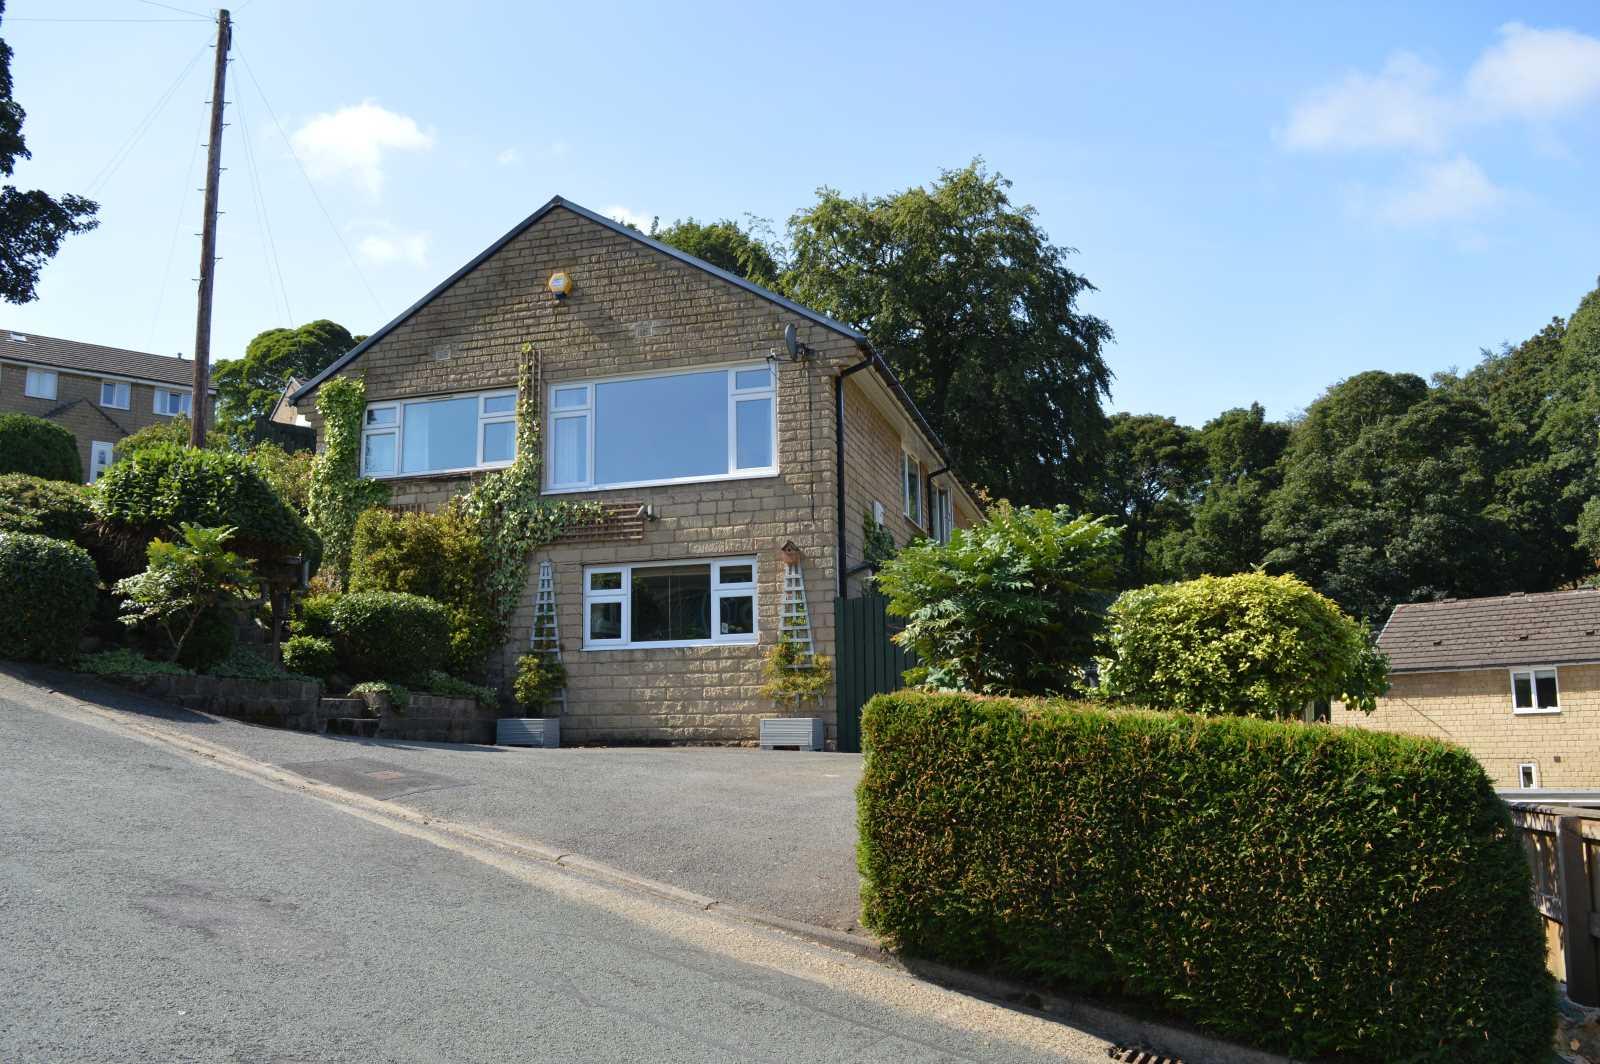 2 Bramley Close, New Mill, Holmfirth HD9 7NW